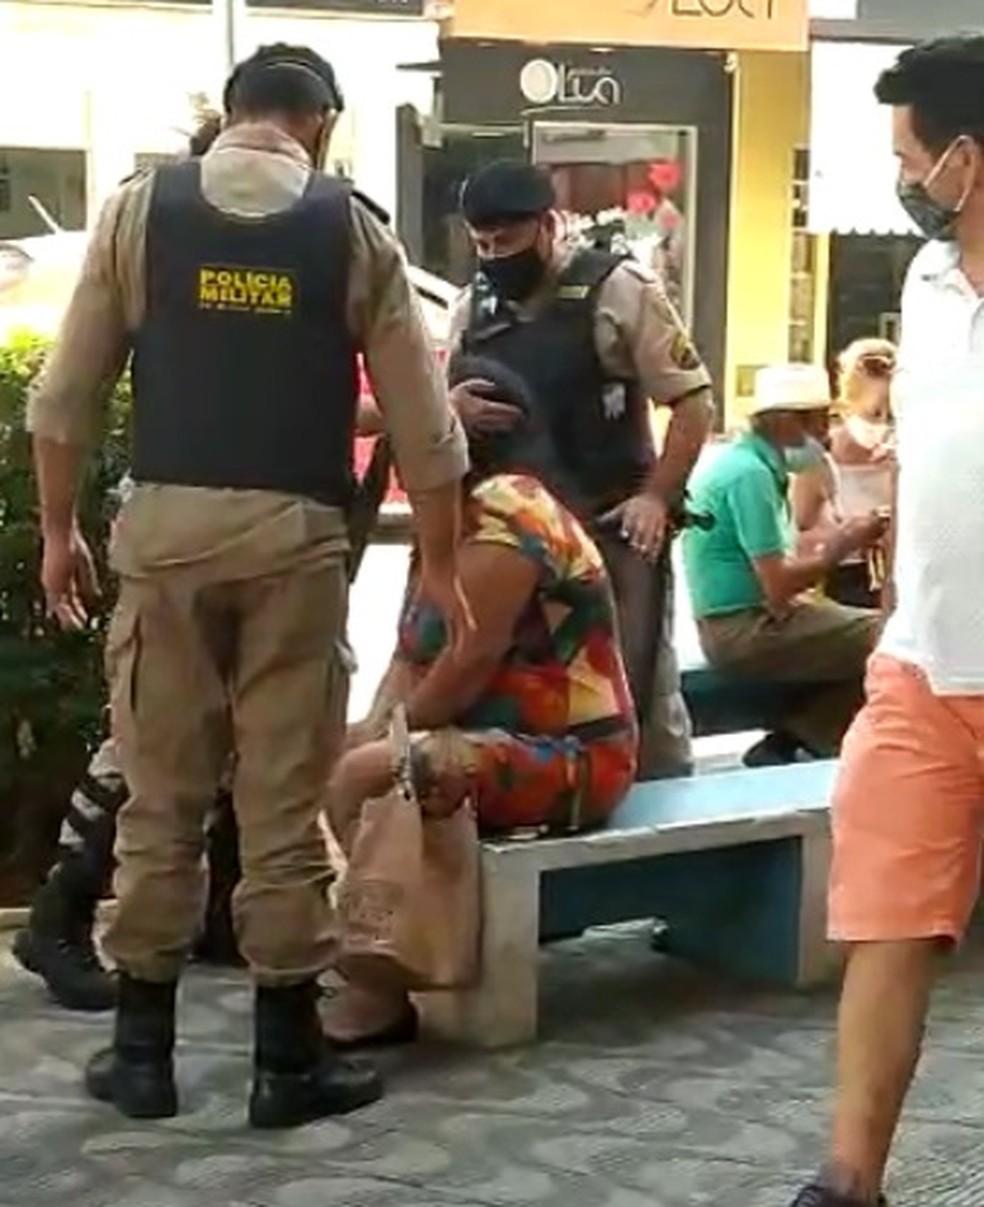 Segundo tapa desferido pela policial militar na mulher em Formiga — Foto: Reprodução/Redes sociais